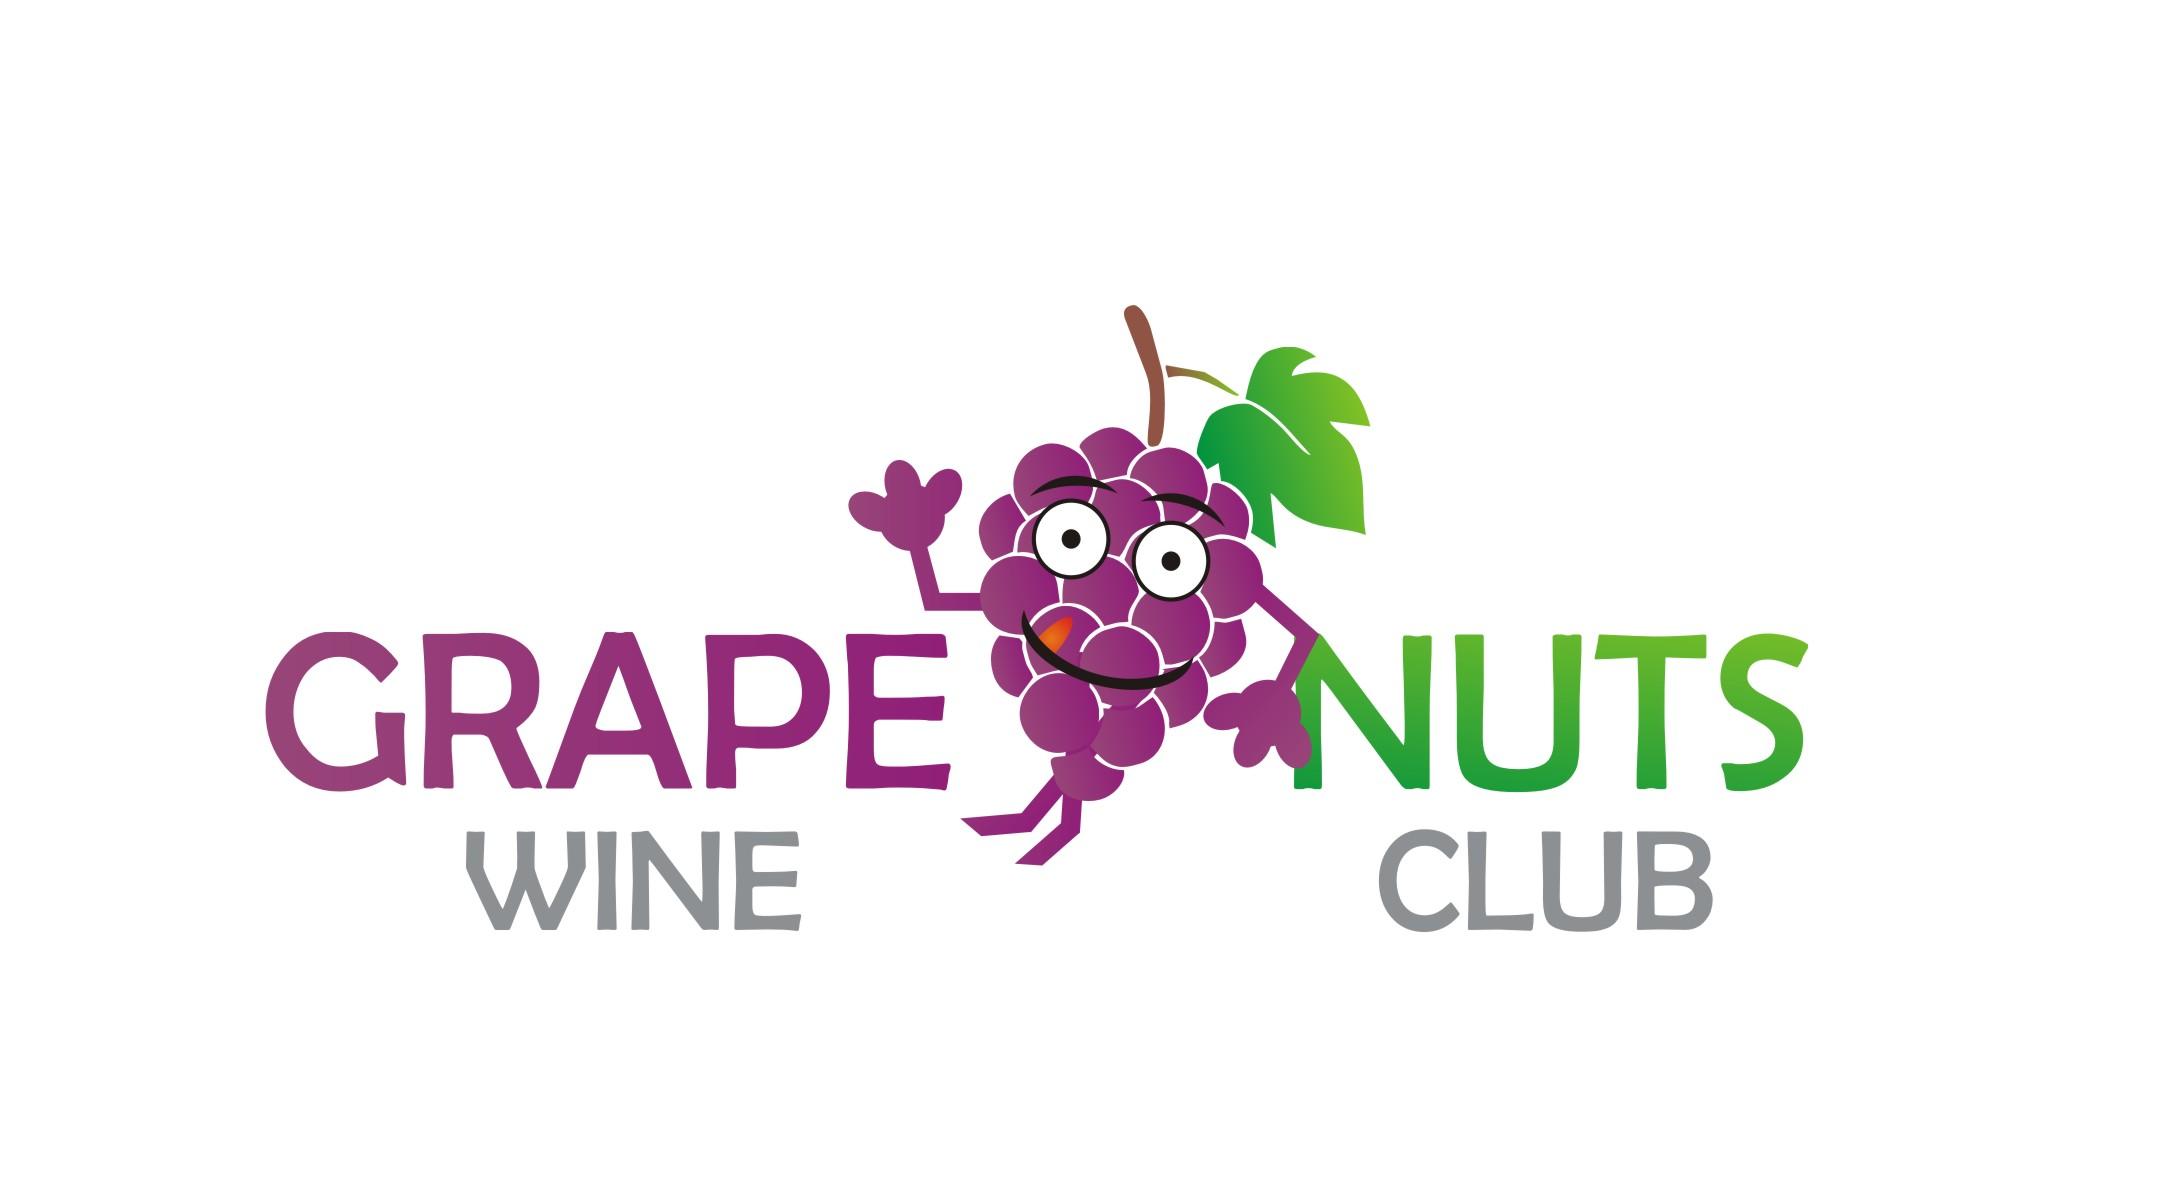 Grape Nuts Wine Club Wallpaper